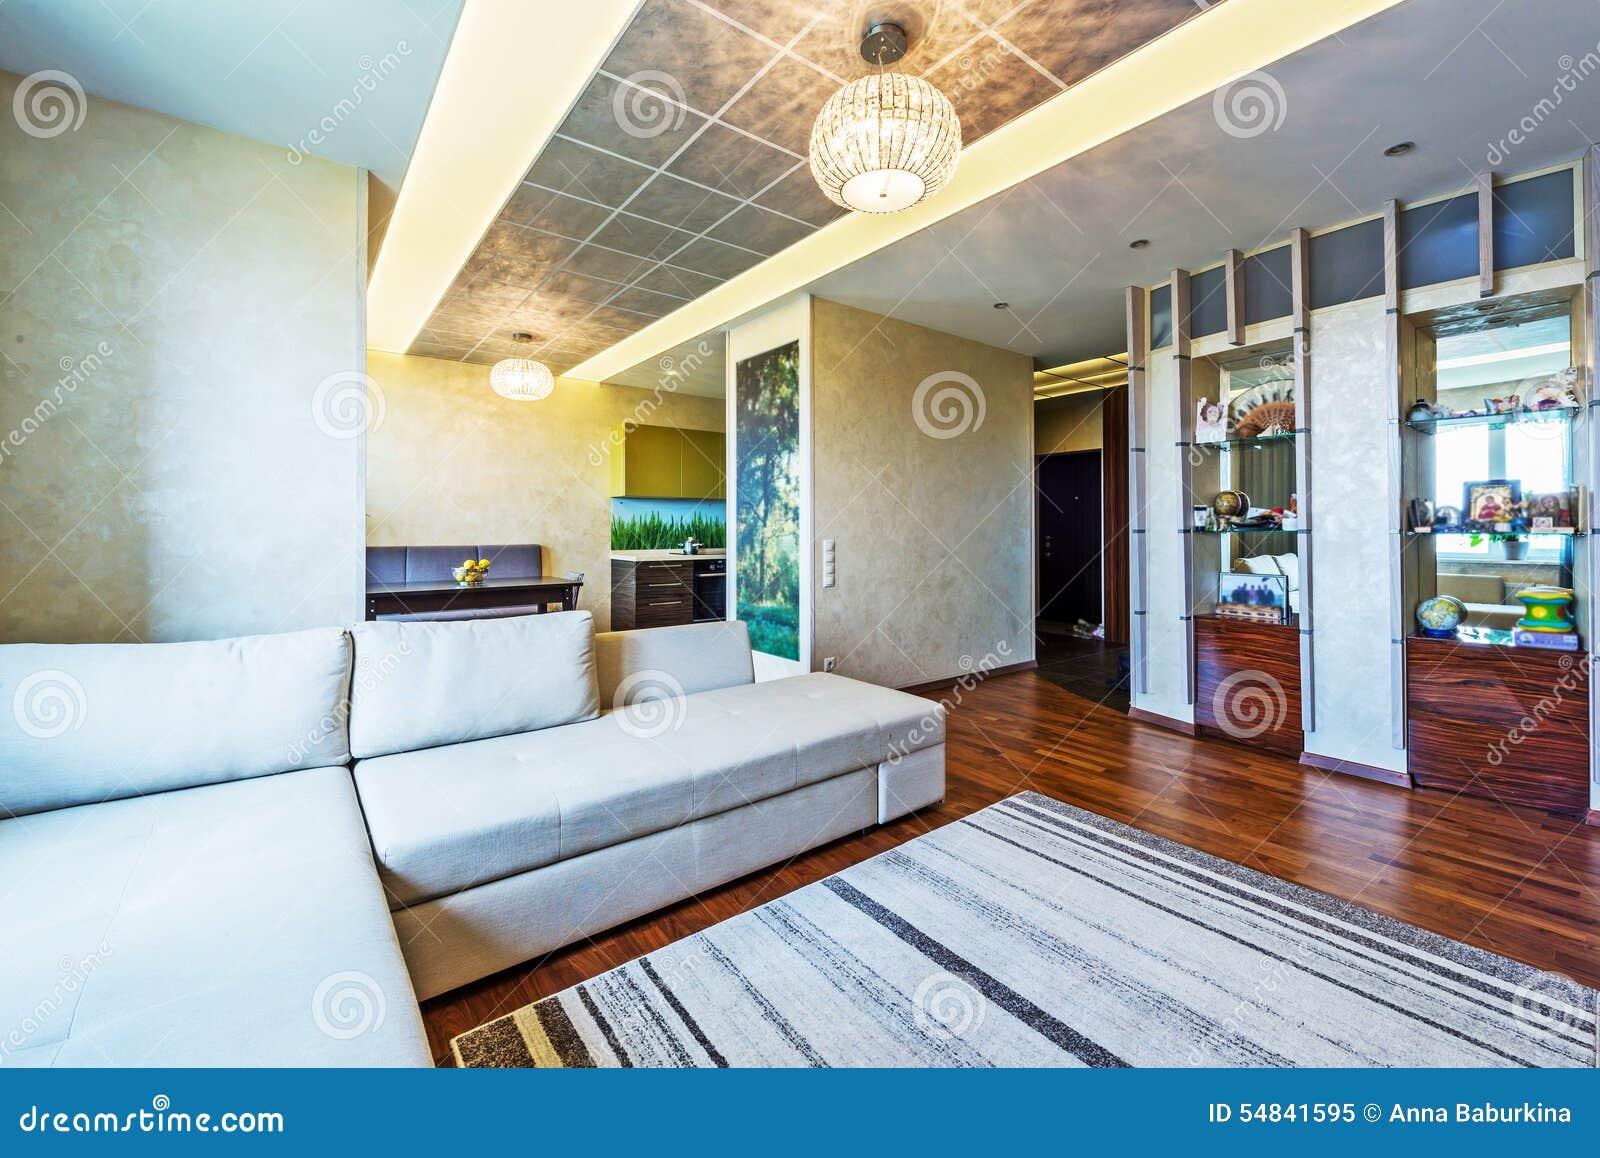 Un grand salon moderne image stock. Image du gris, meubles - 54841595